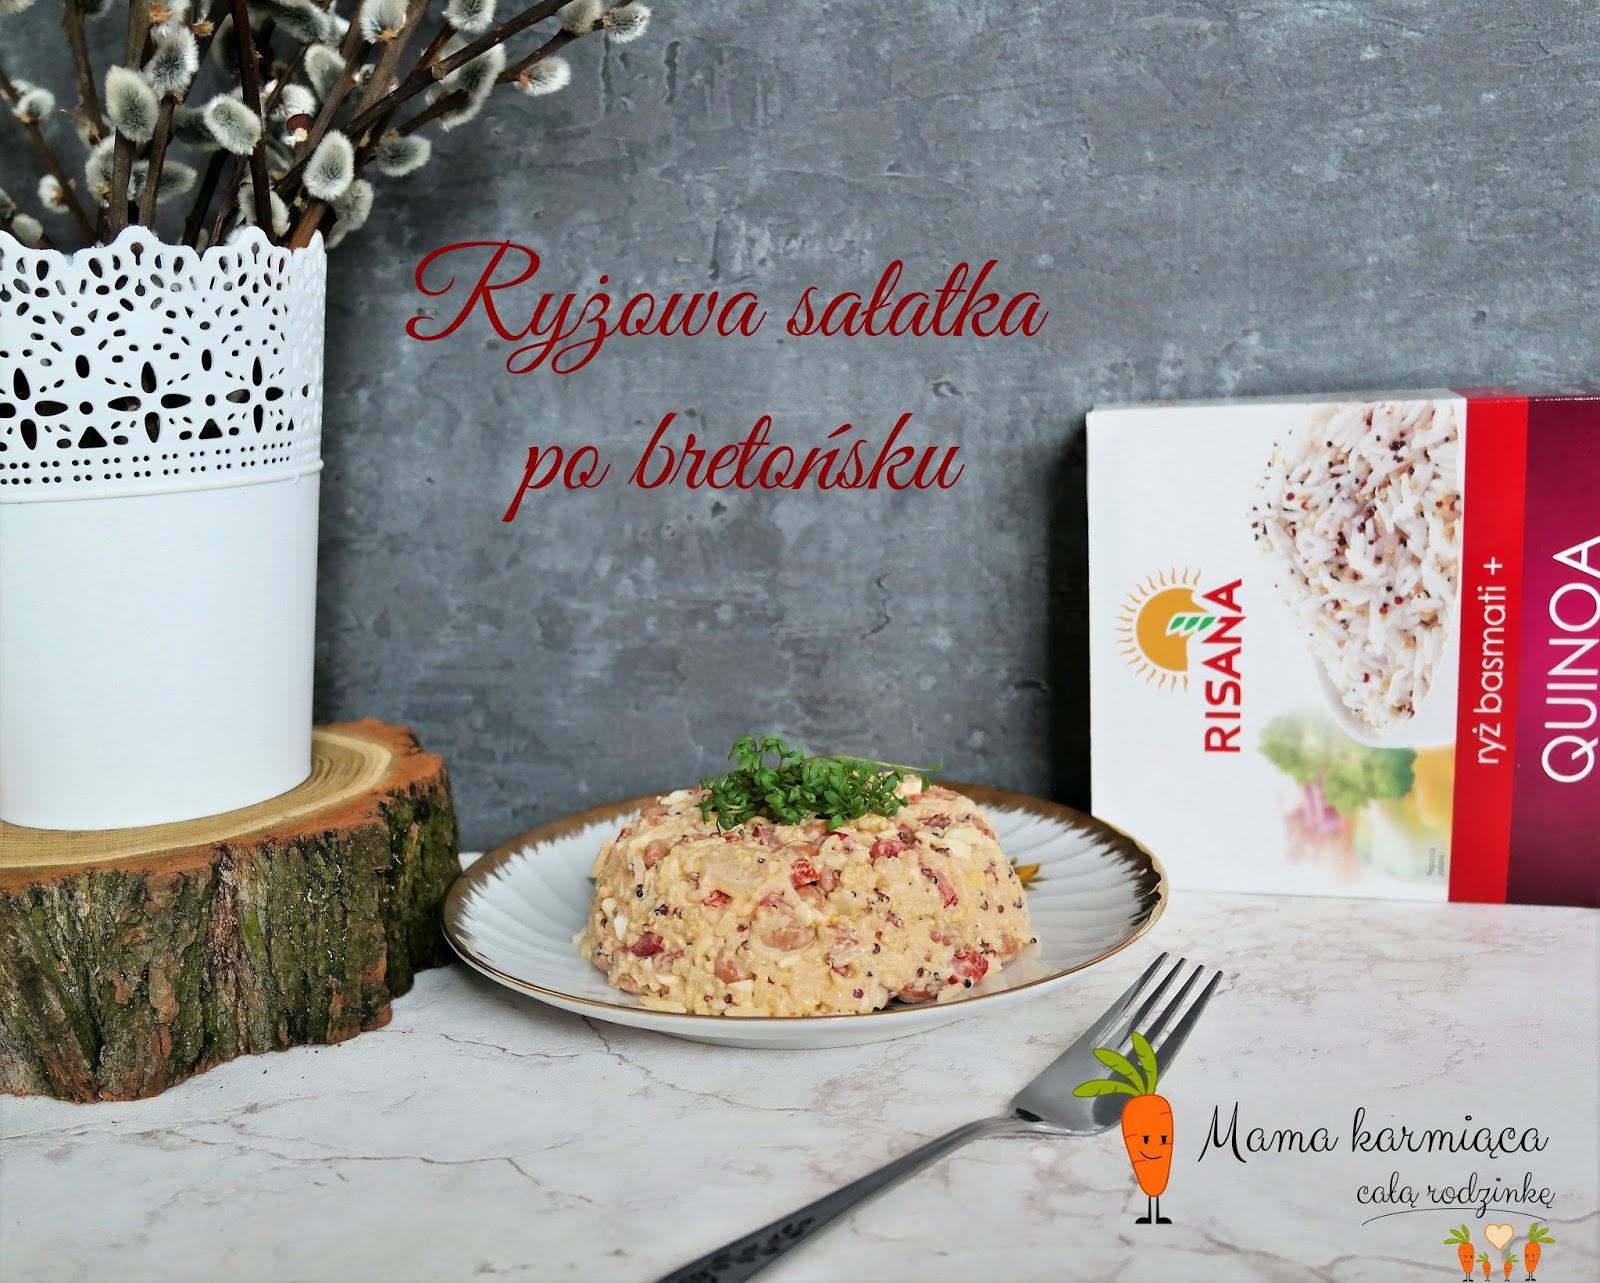 Ryżowa sałatka po bretońsku